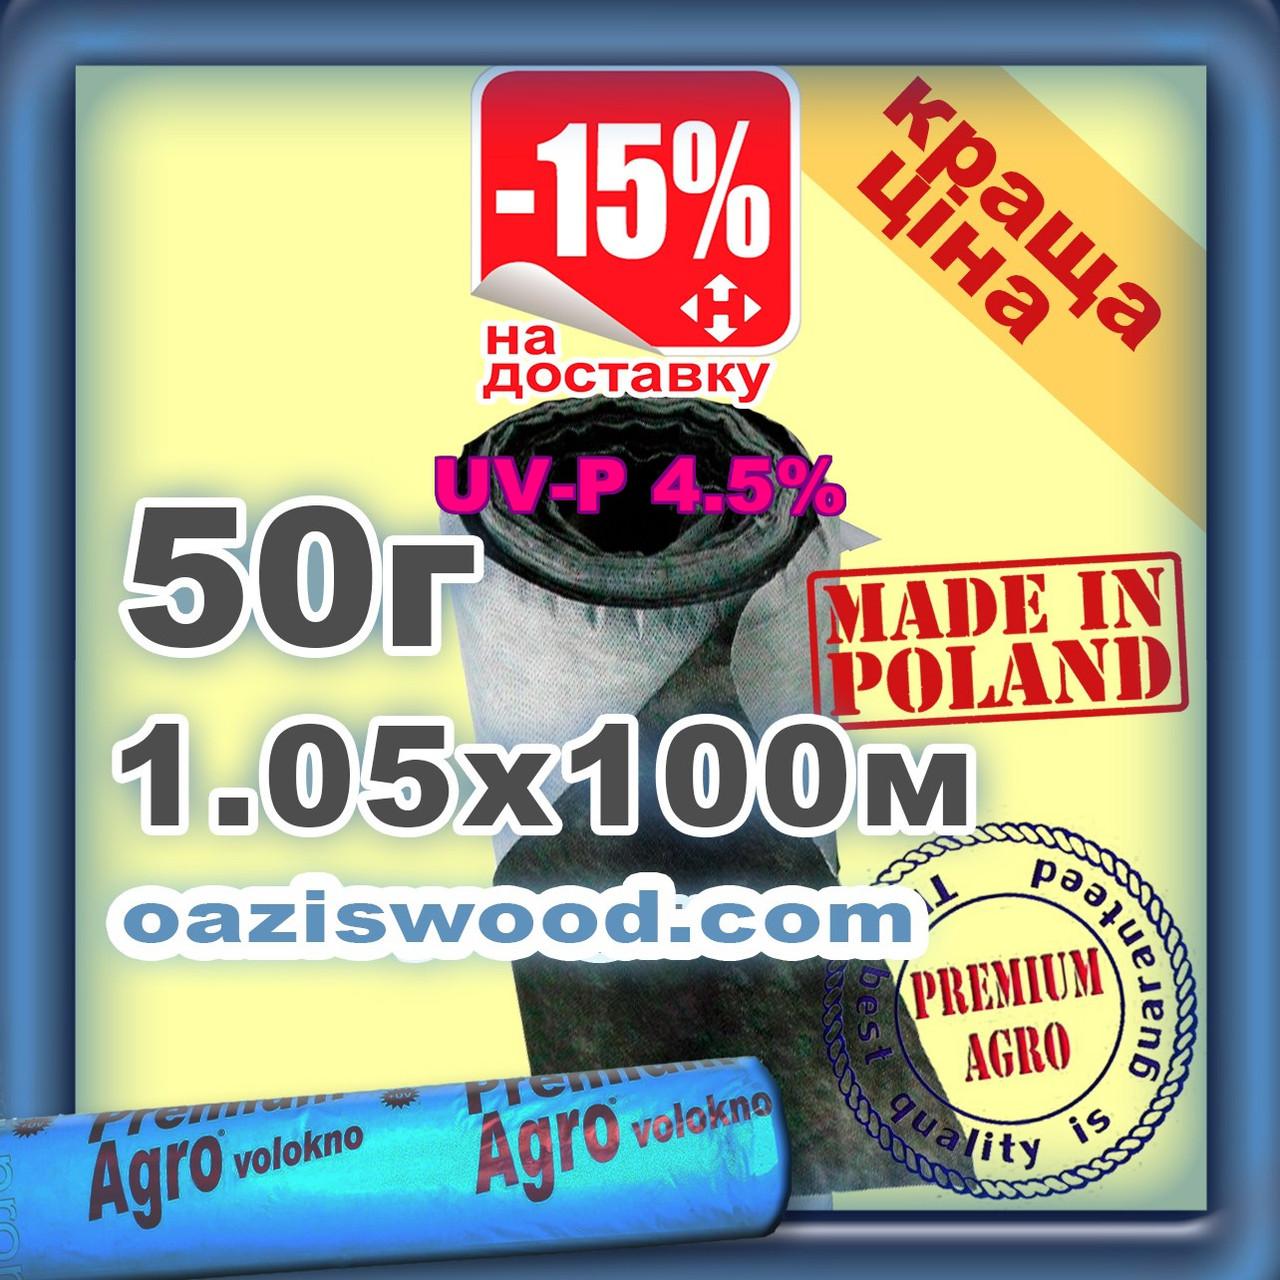 Агроволокно p-50g 1.05*100м черно-белое UV-P 4.5% Premium-Agro Польша